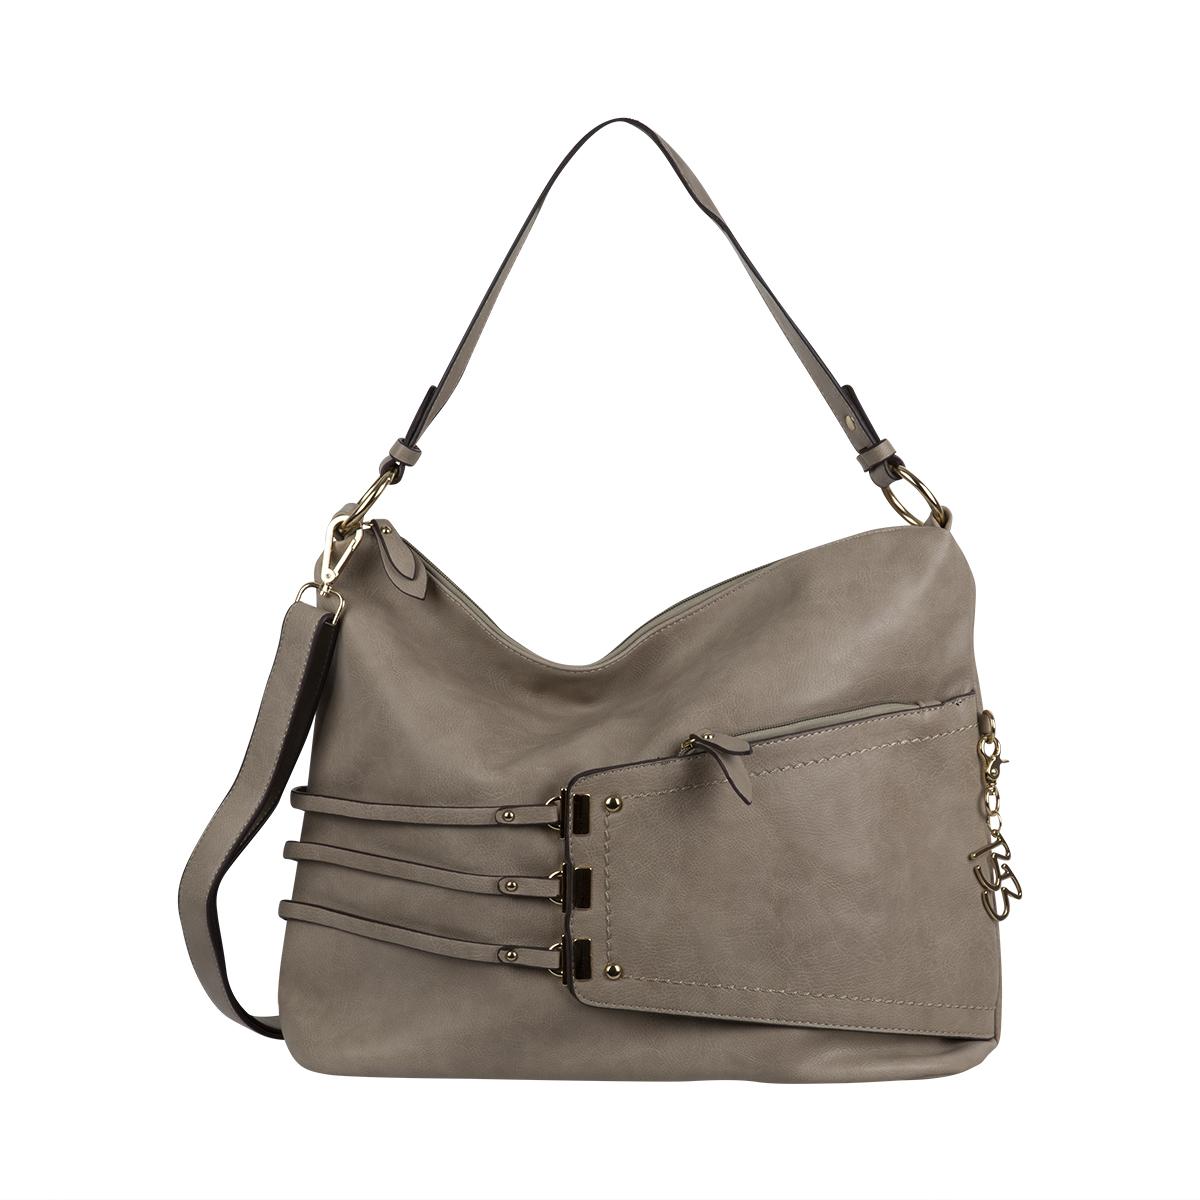 Betty Barclay Pouch A4 Schultertasche Hobo Bag Handtasche D-955-VT